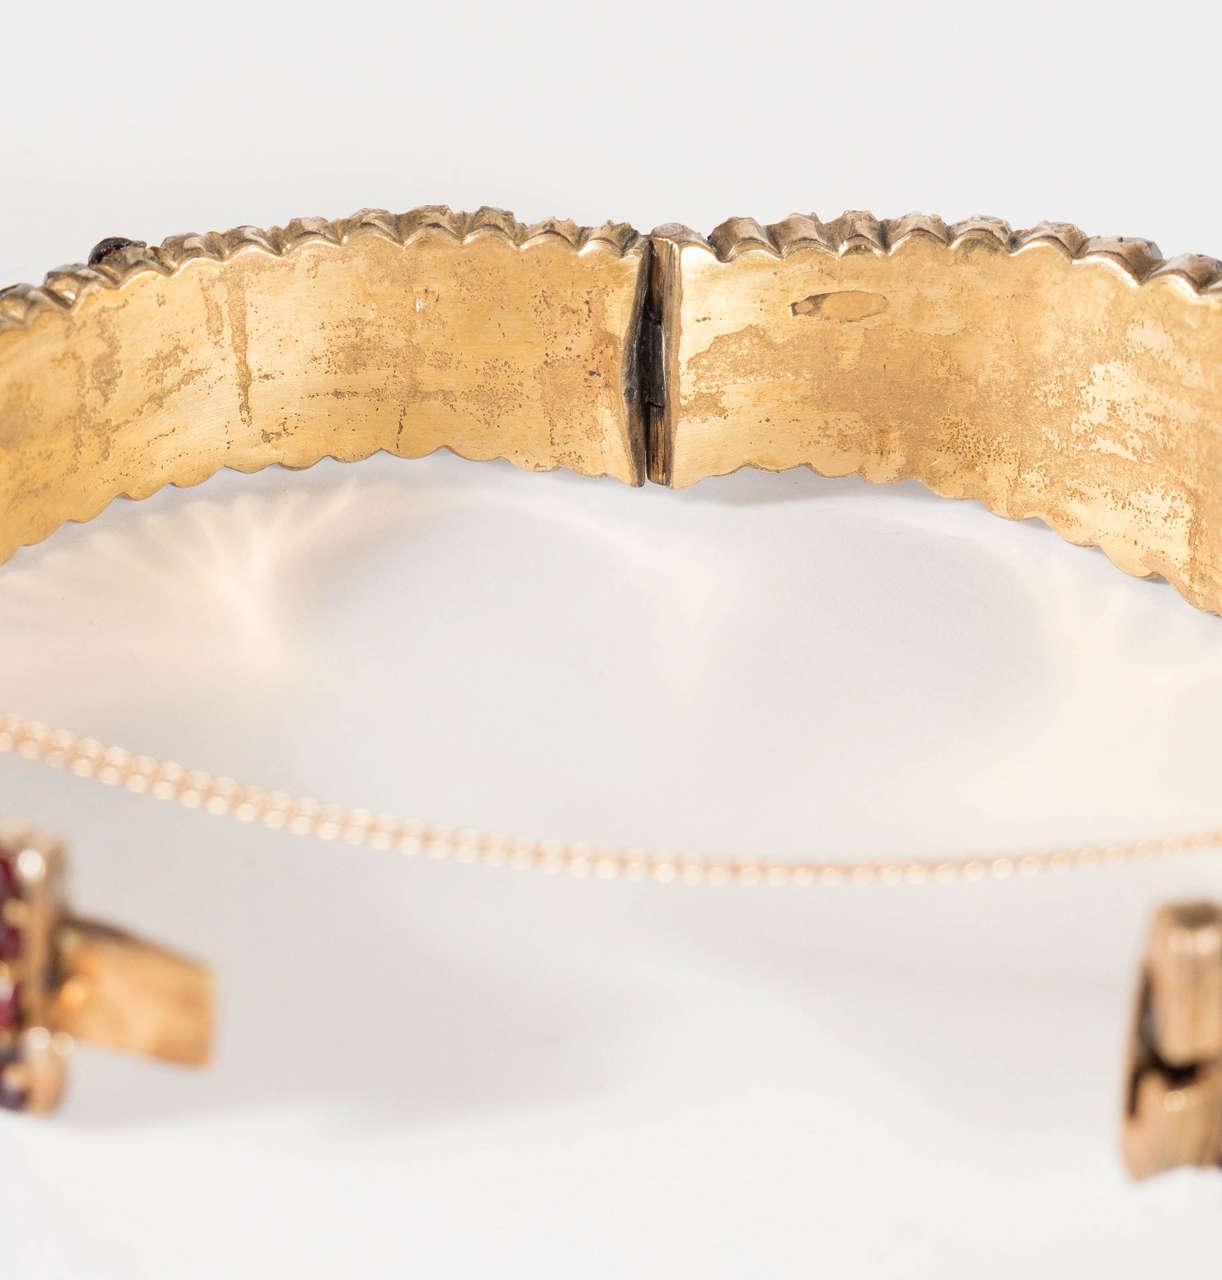 Exquisite Antique Bohemian Garnet Silver Gold Bangle Bracelet 7